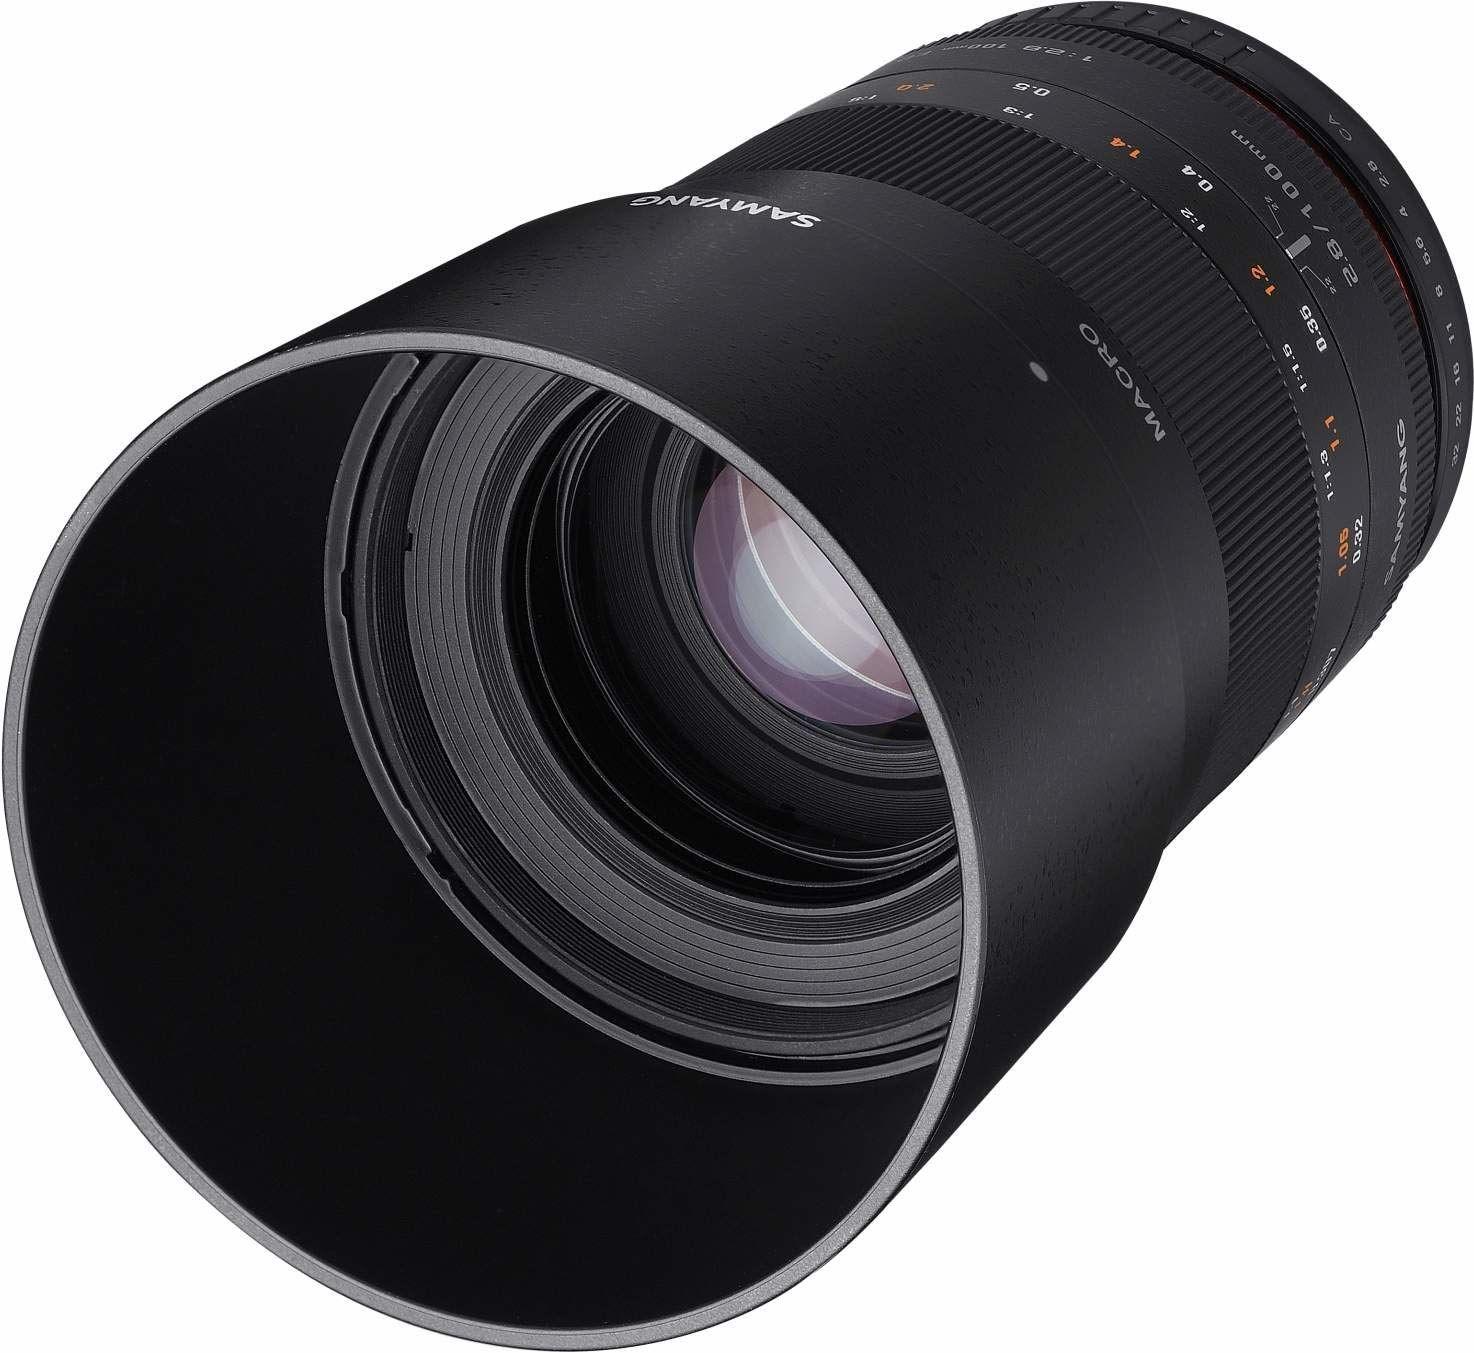 Samyang 100 mm F2.8 Makro do Sony A  pełnoklatkowy obiektyw i APS-C Macro teleobiektyw stałoogniskowy do Sony A Mount, ręczne ostrość, do Sony A99 II, A68, A77 II, A58, A99, A37, A65, A77, A35